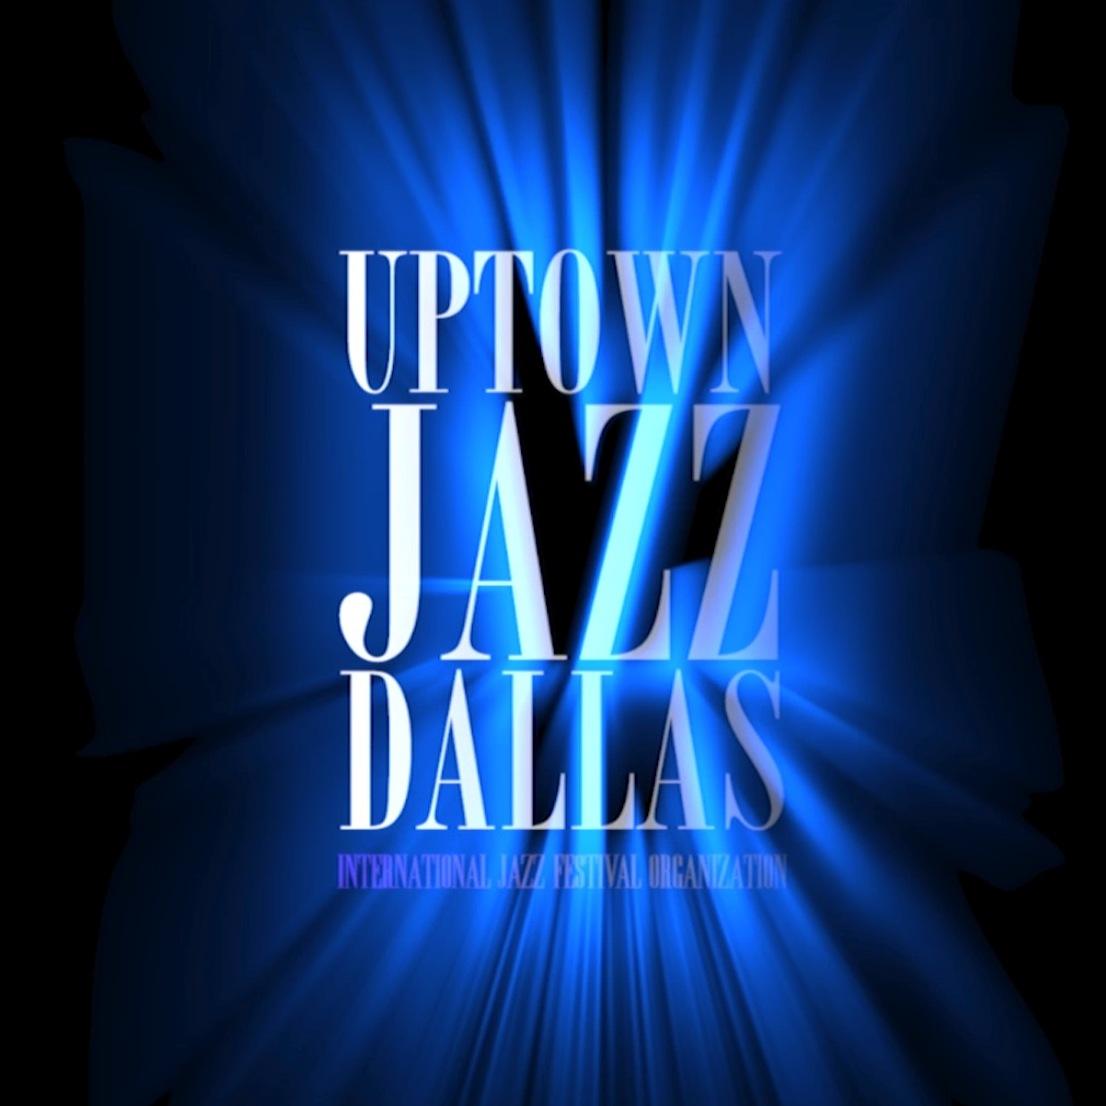 Uptown Jazz Dallas IJF